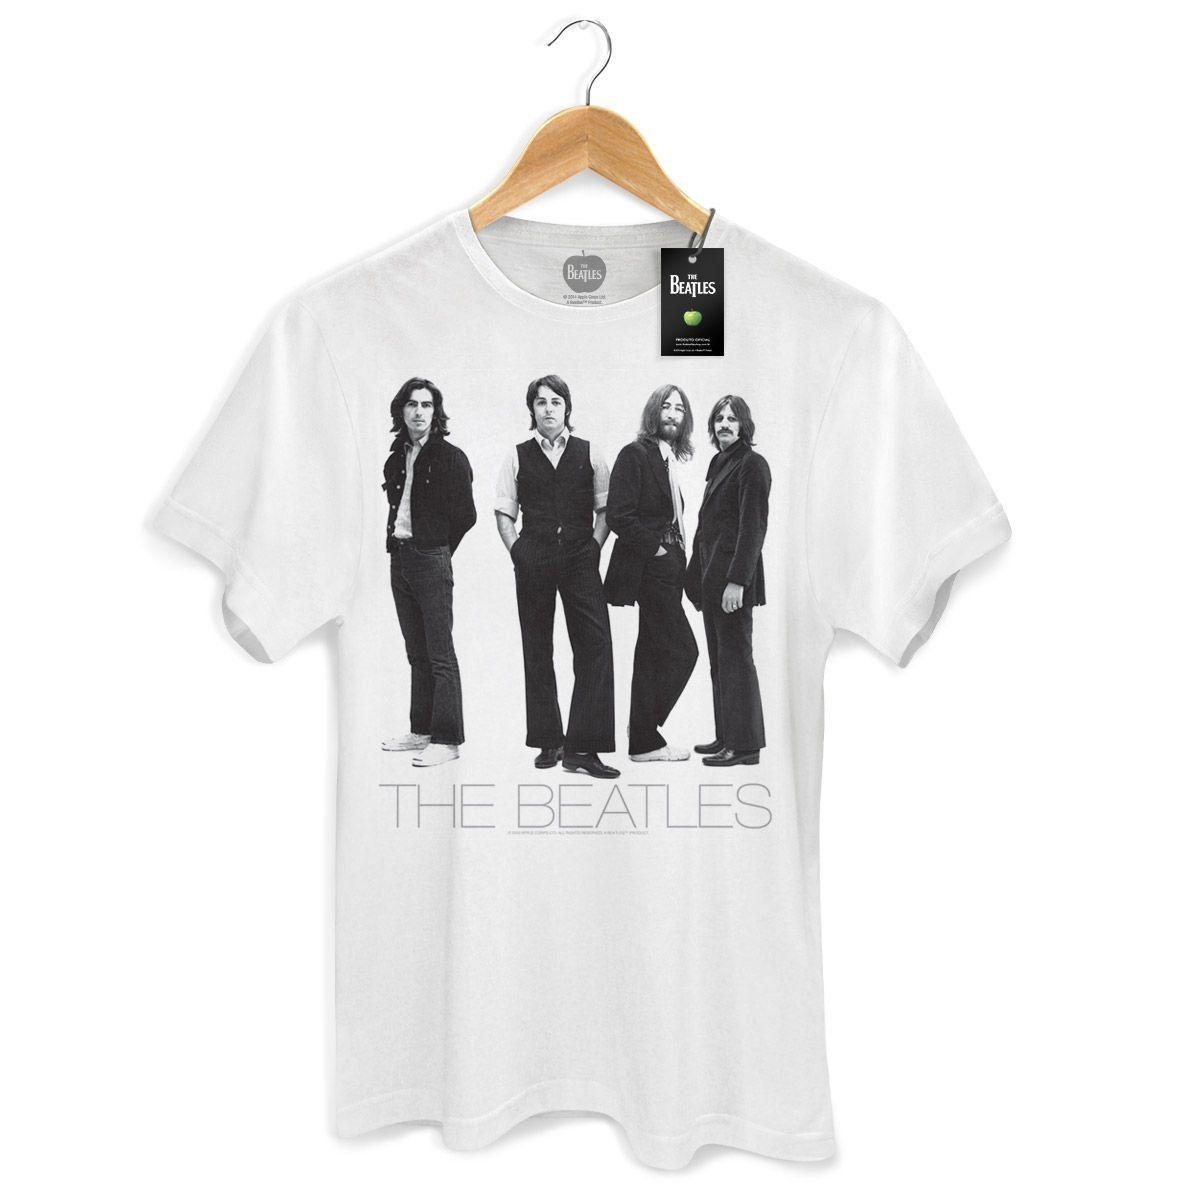 Camiseta Unissex The Beatles White Album Basic  - bandUP Store Marketplace